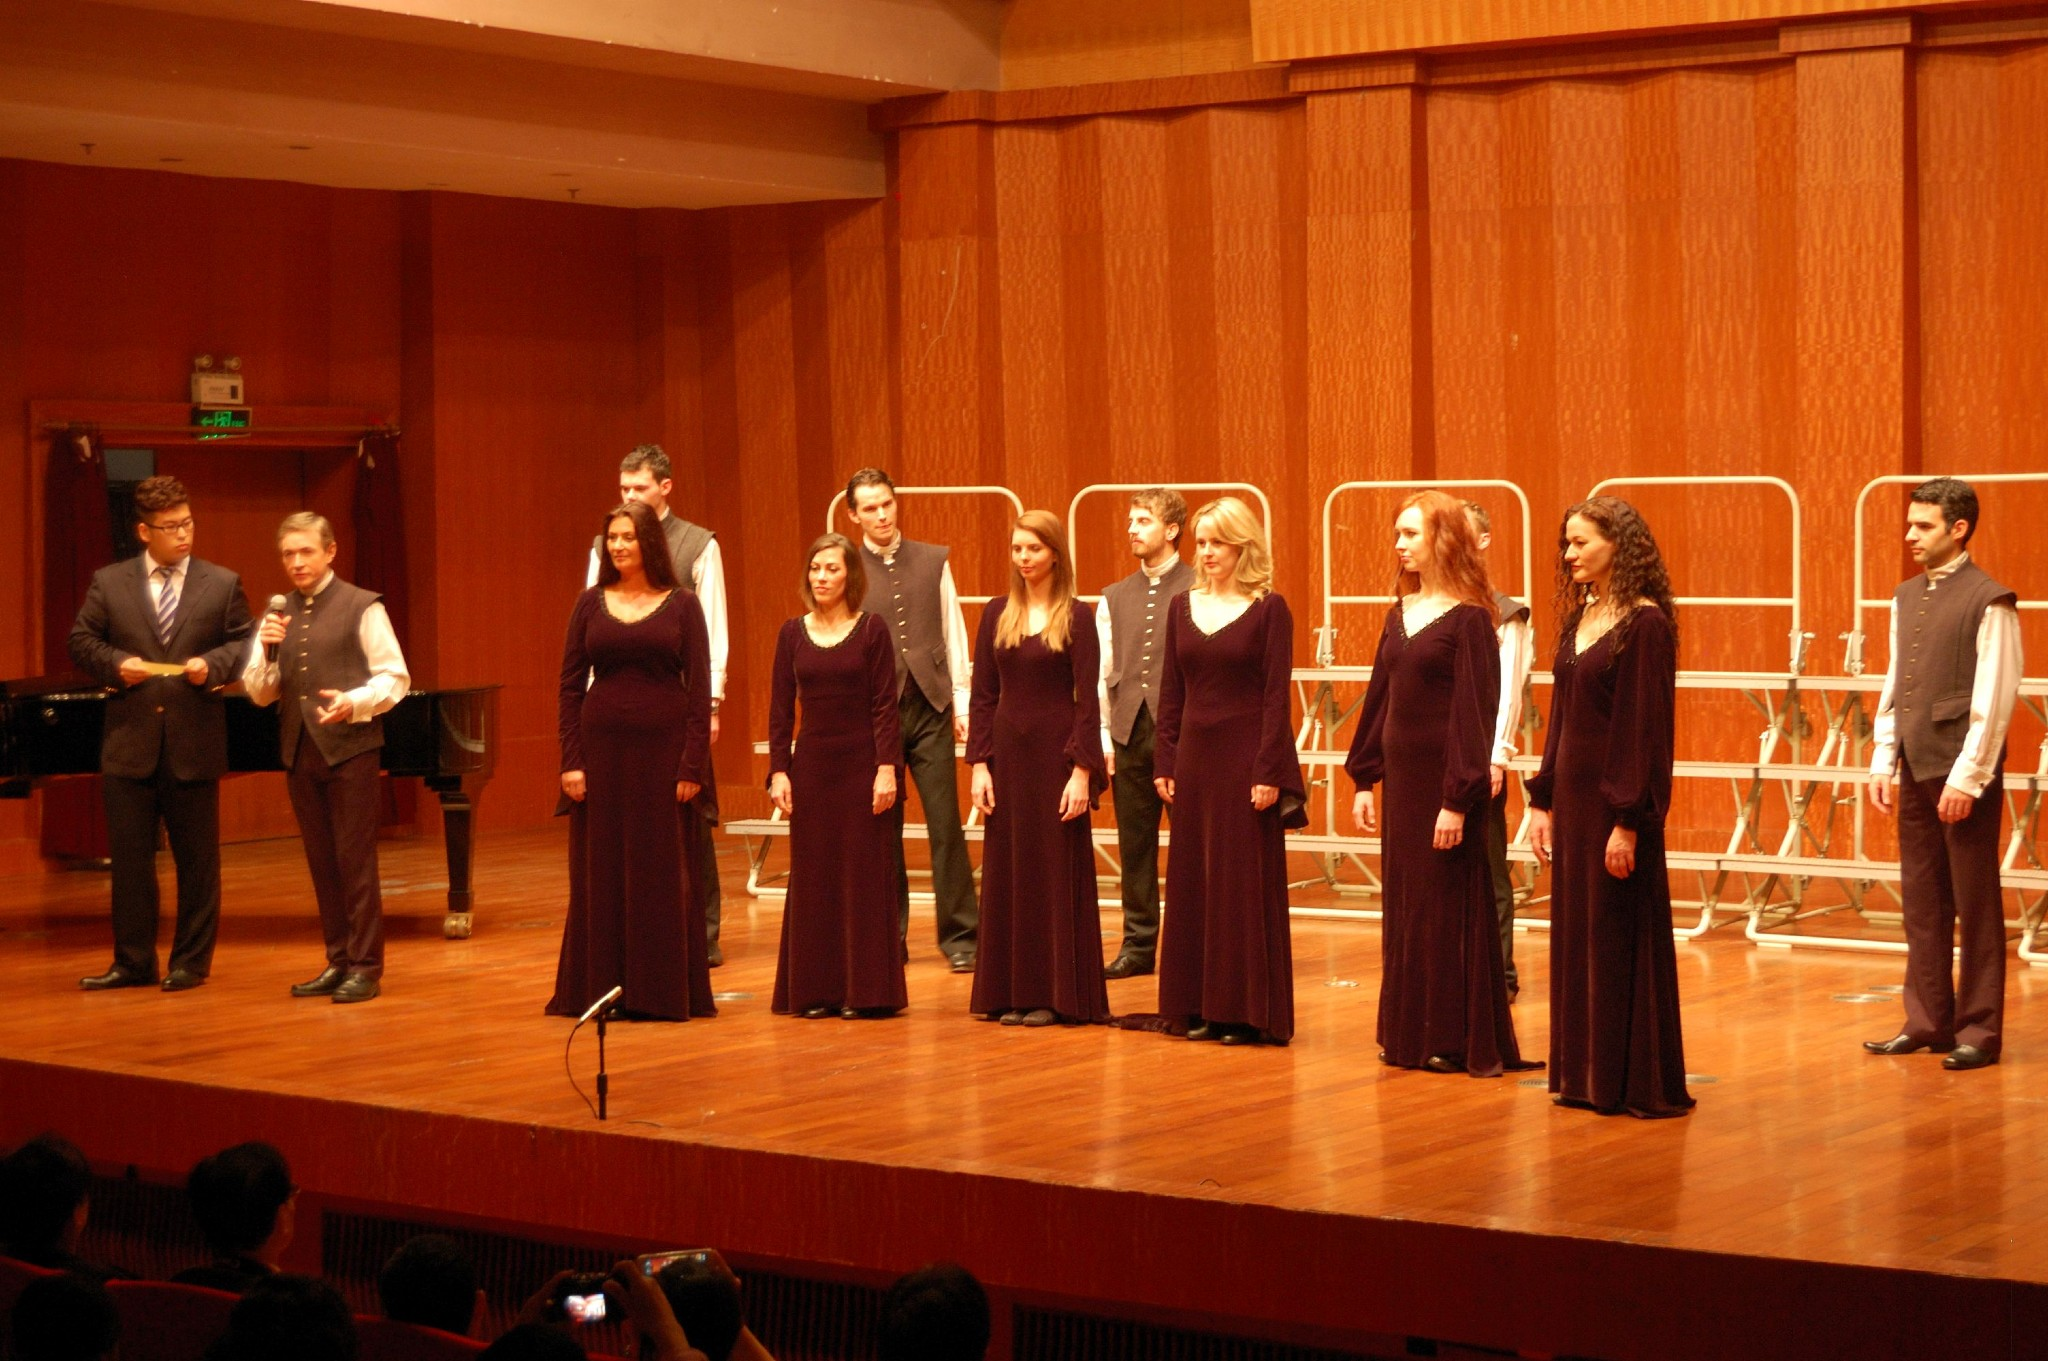 Workshop & Presentation at the Shanghai Conservatory, 2012 : Image Rogier Janssen